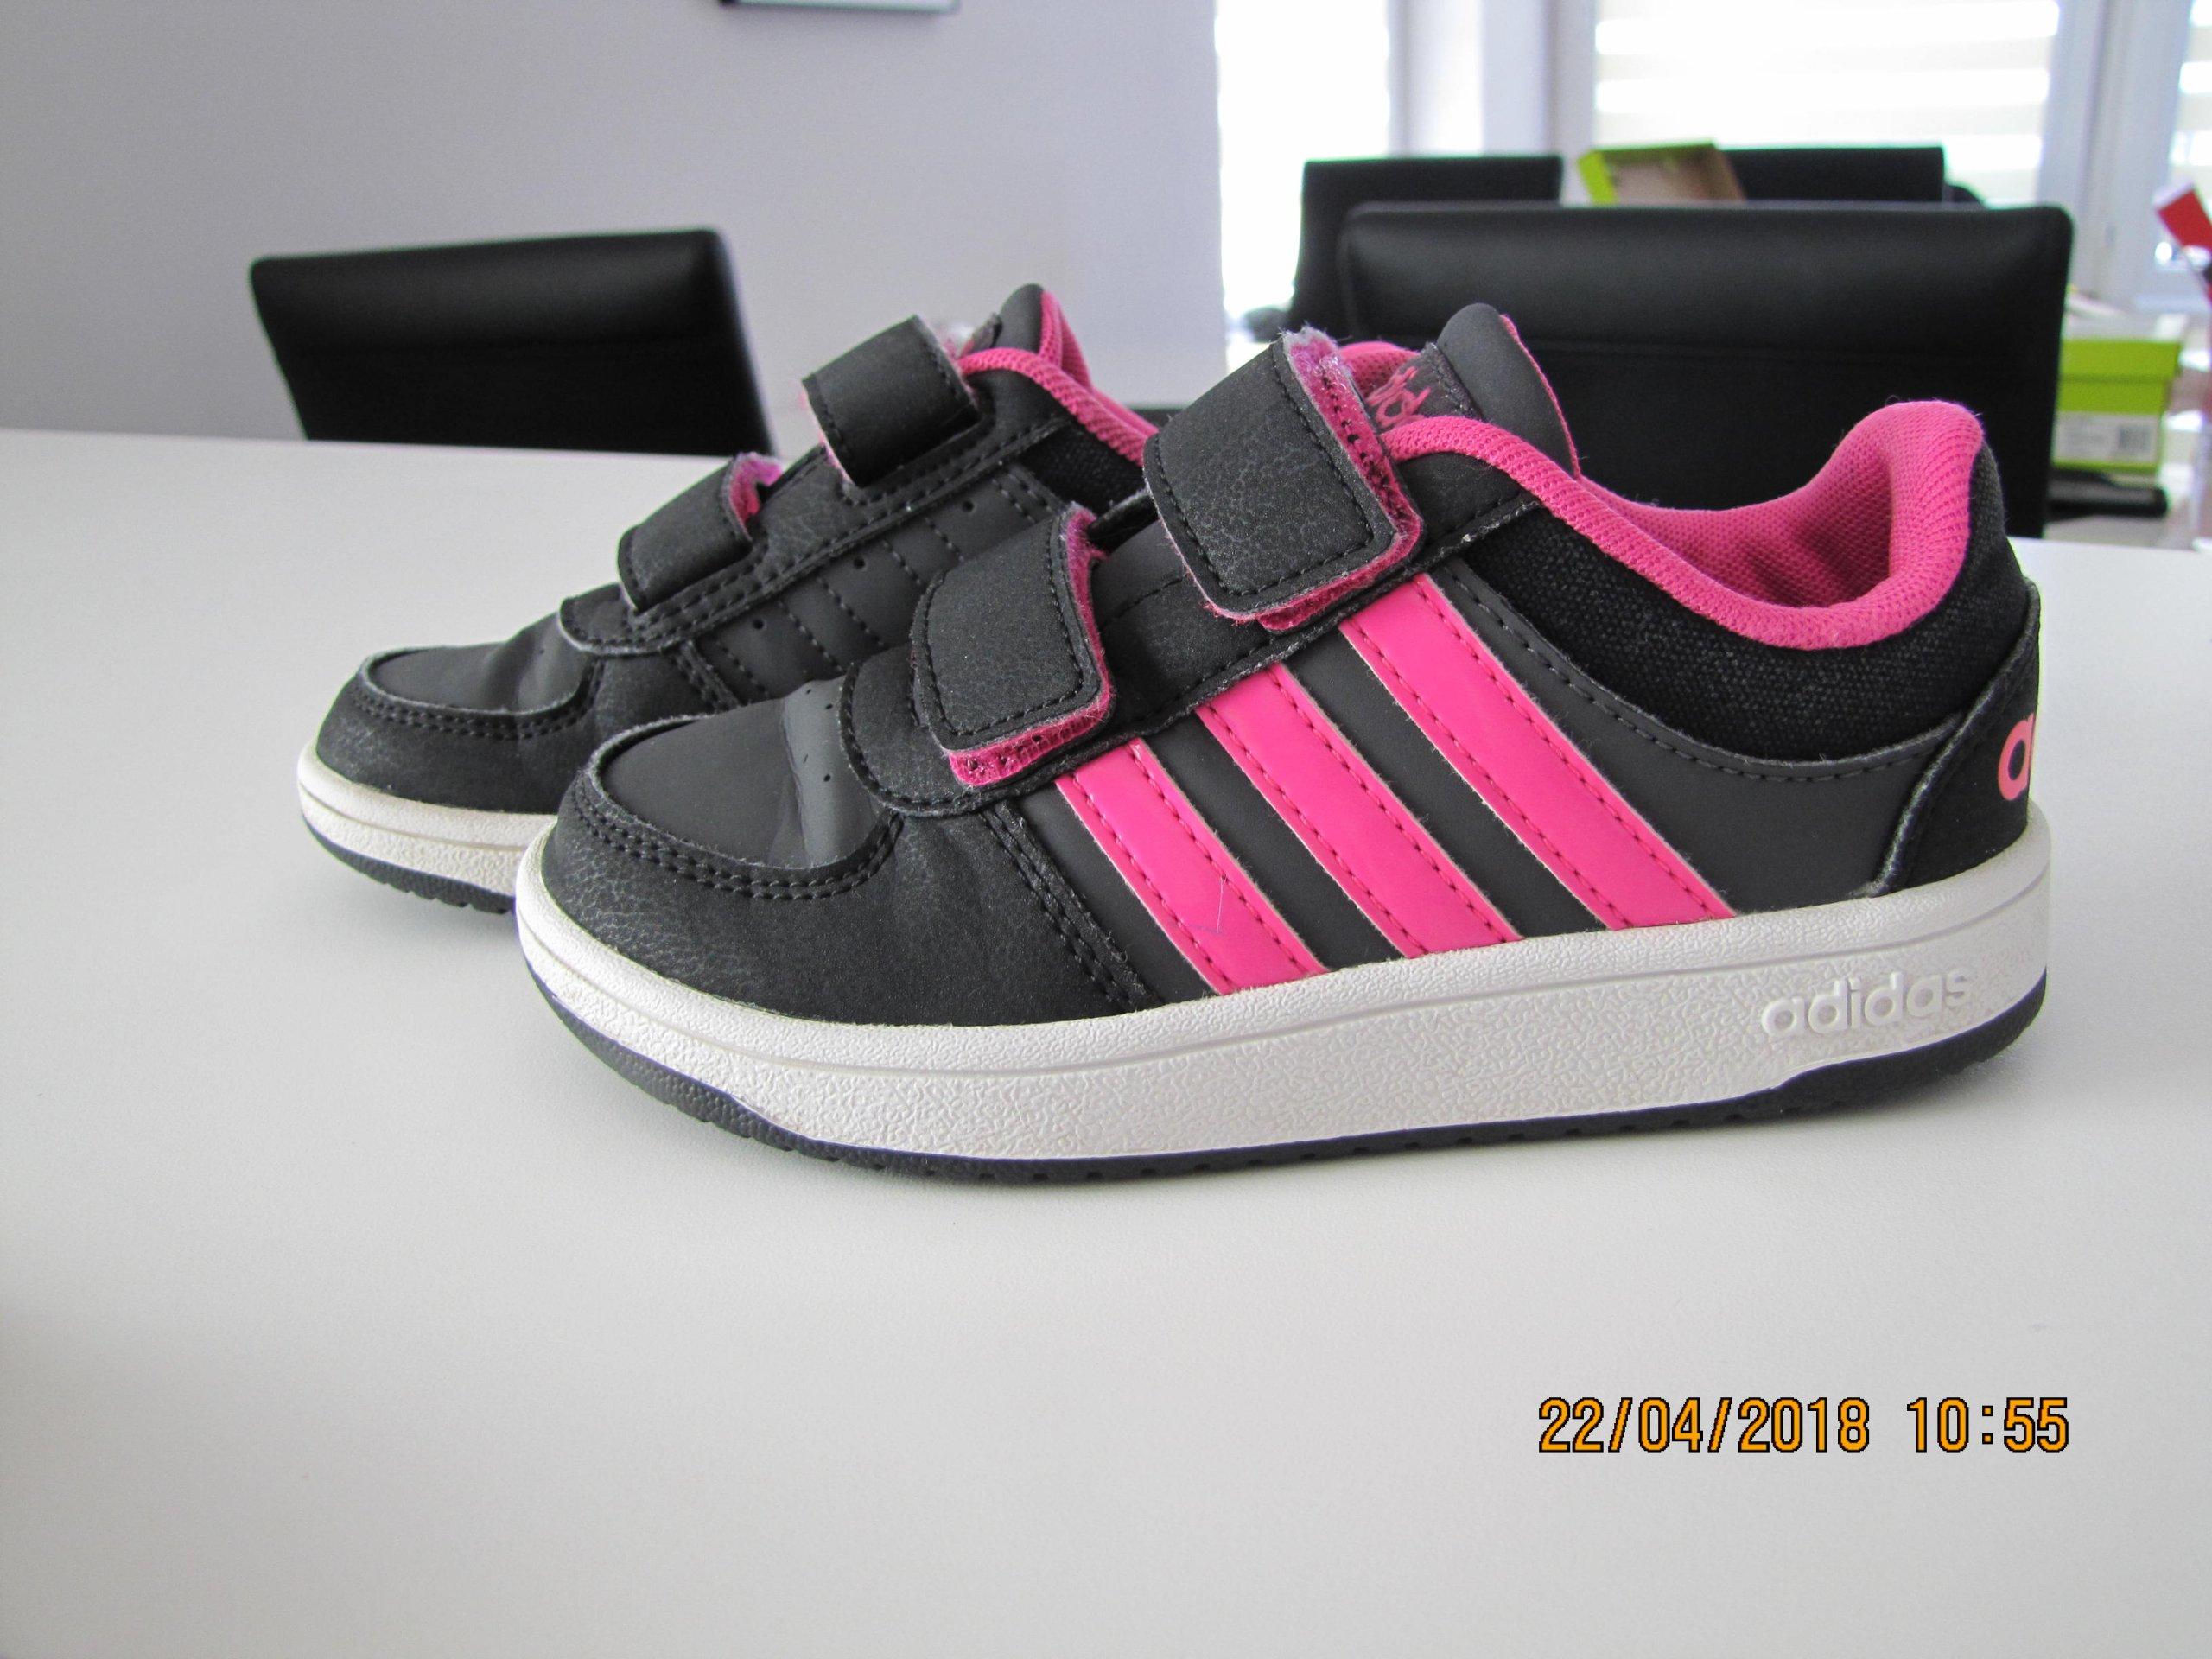 dc717339d5a9c Buty adidas dziewczęce rozmiar 28 - 7305977788 - oficjalne archiwum ...